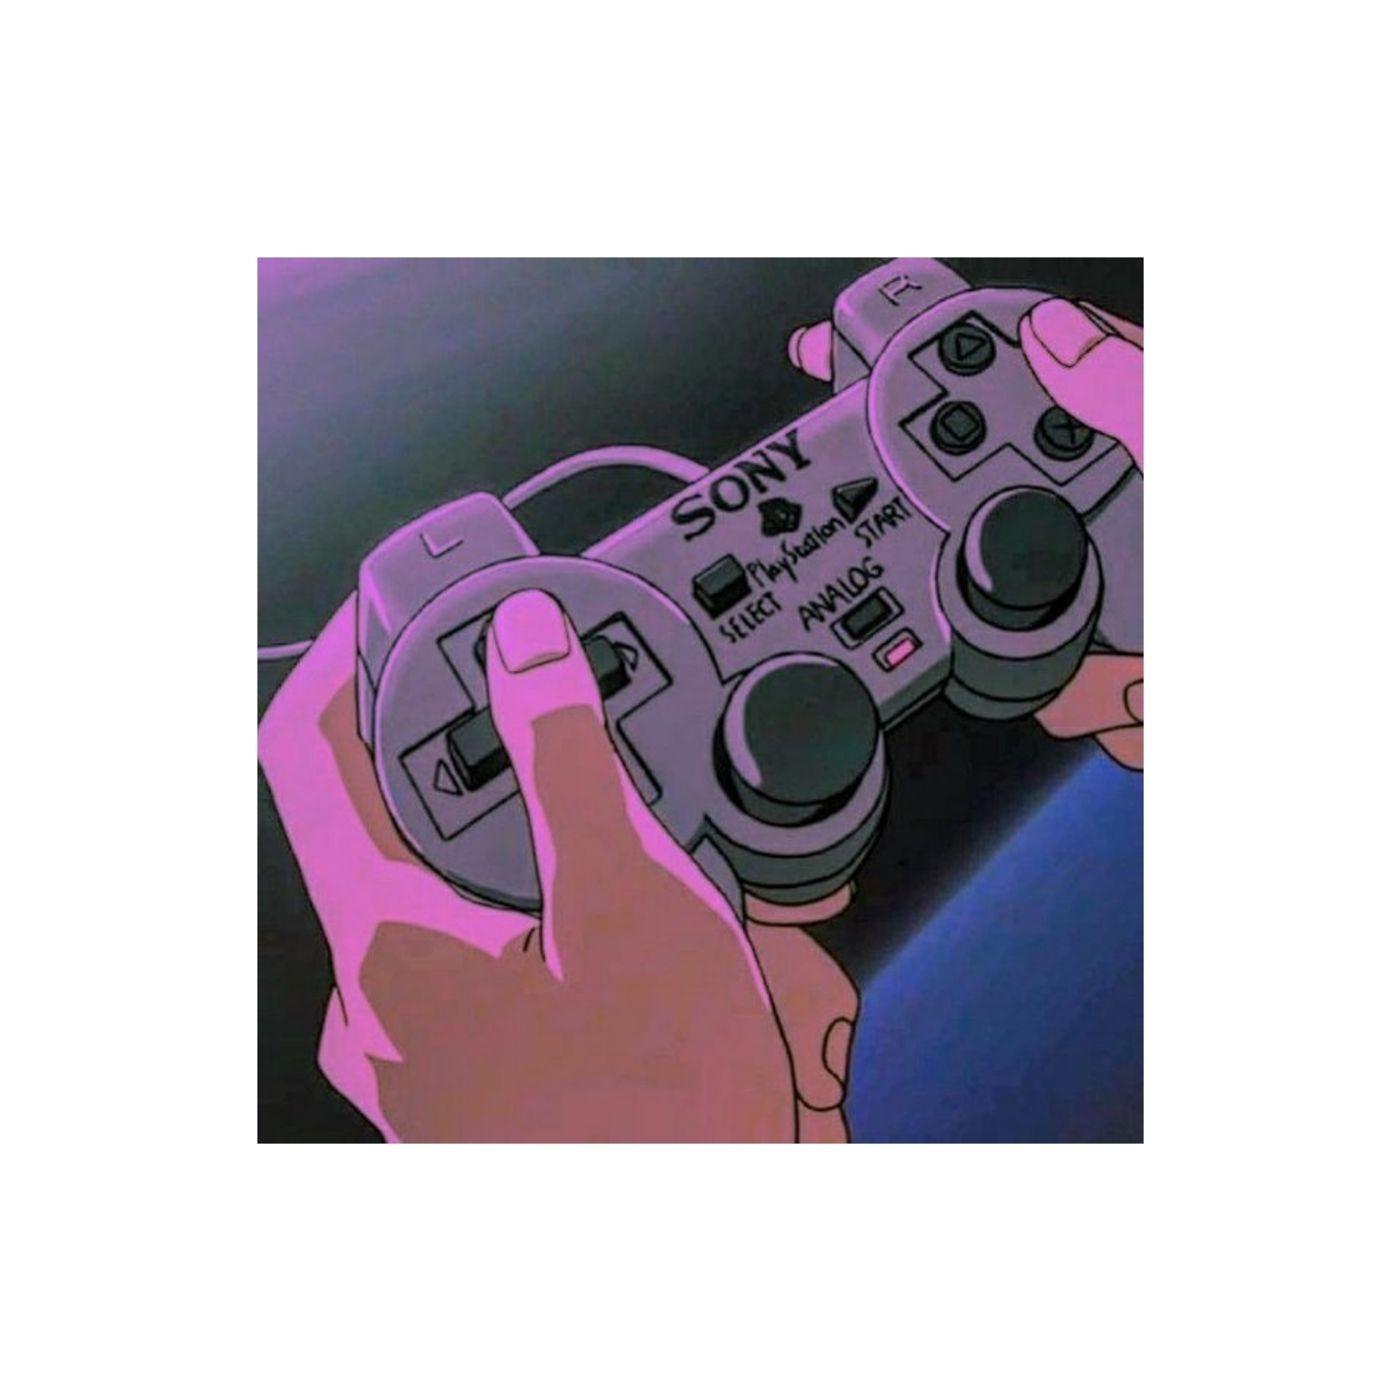 Animazione giapponese: dai videogiochi agli anime